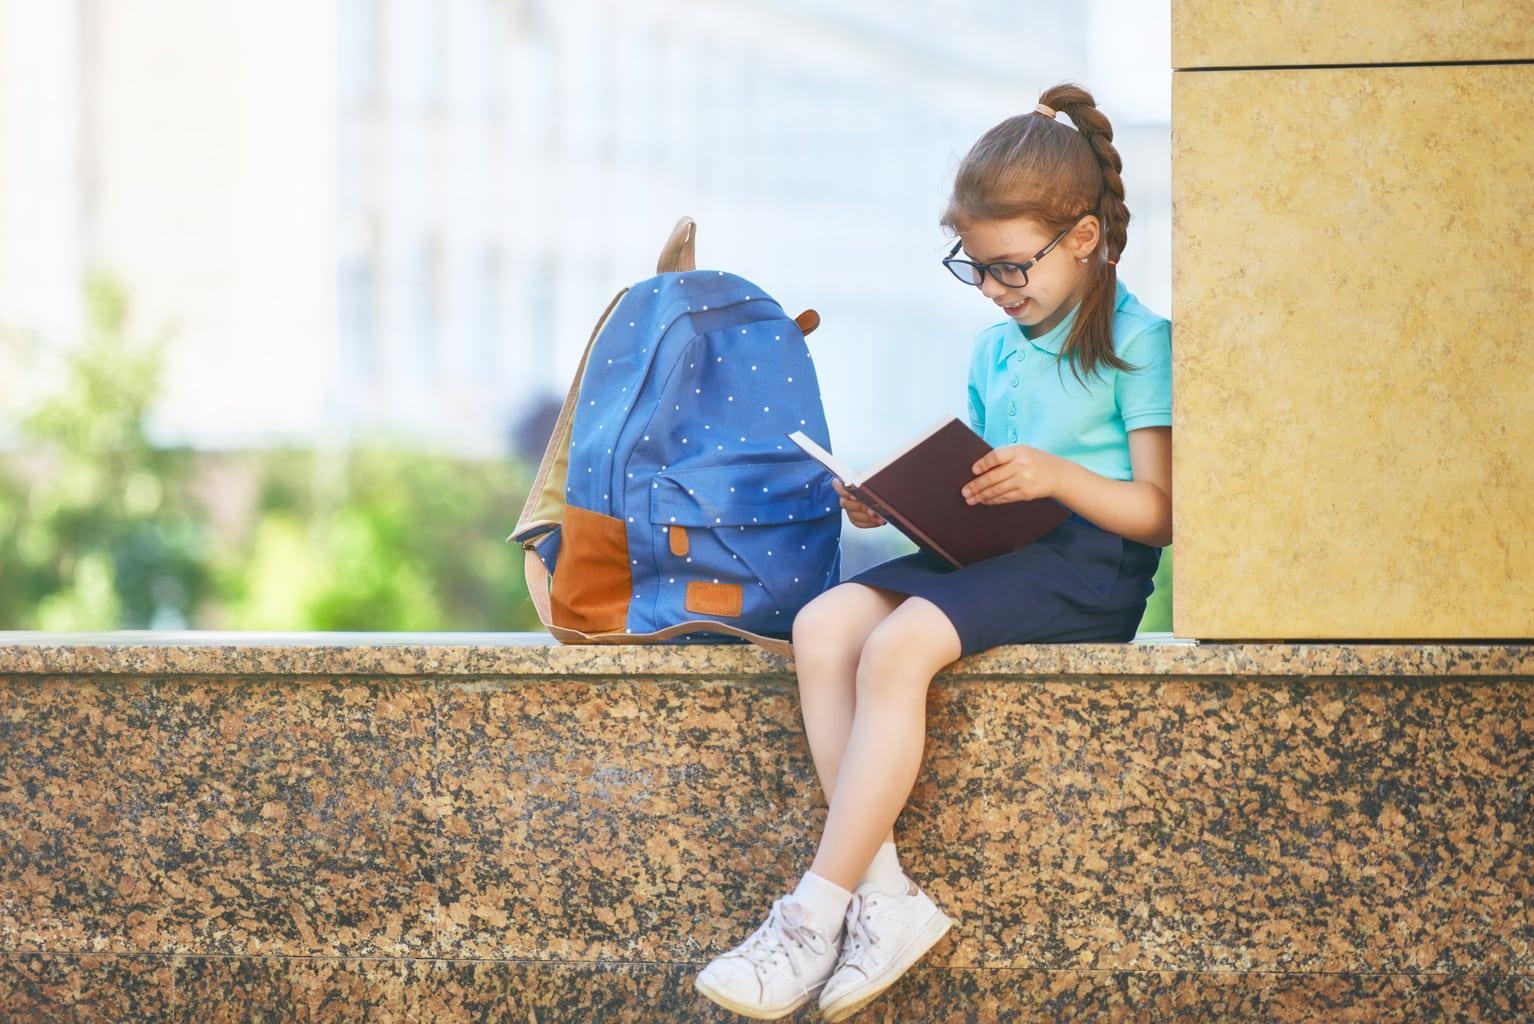 Bästa ryggsäck för barn 2020 20 testade och tre favoriter